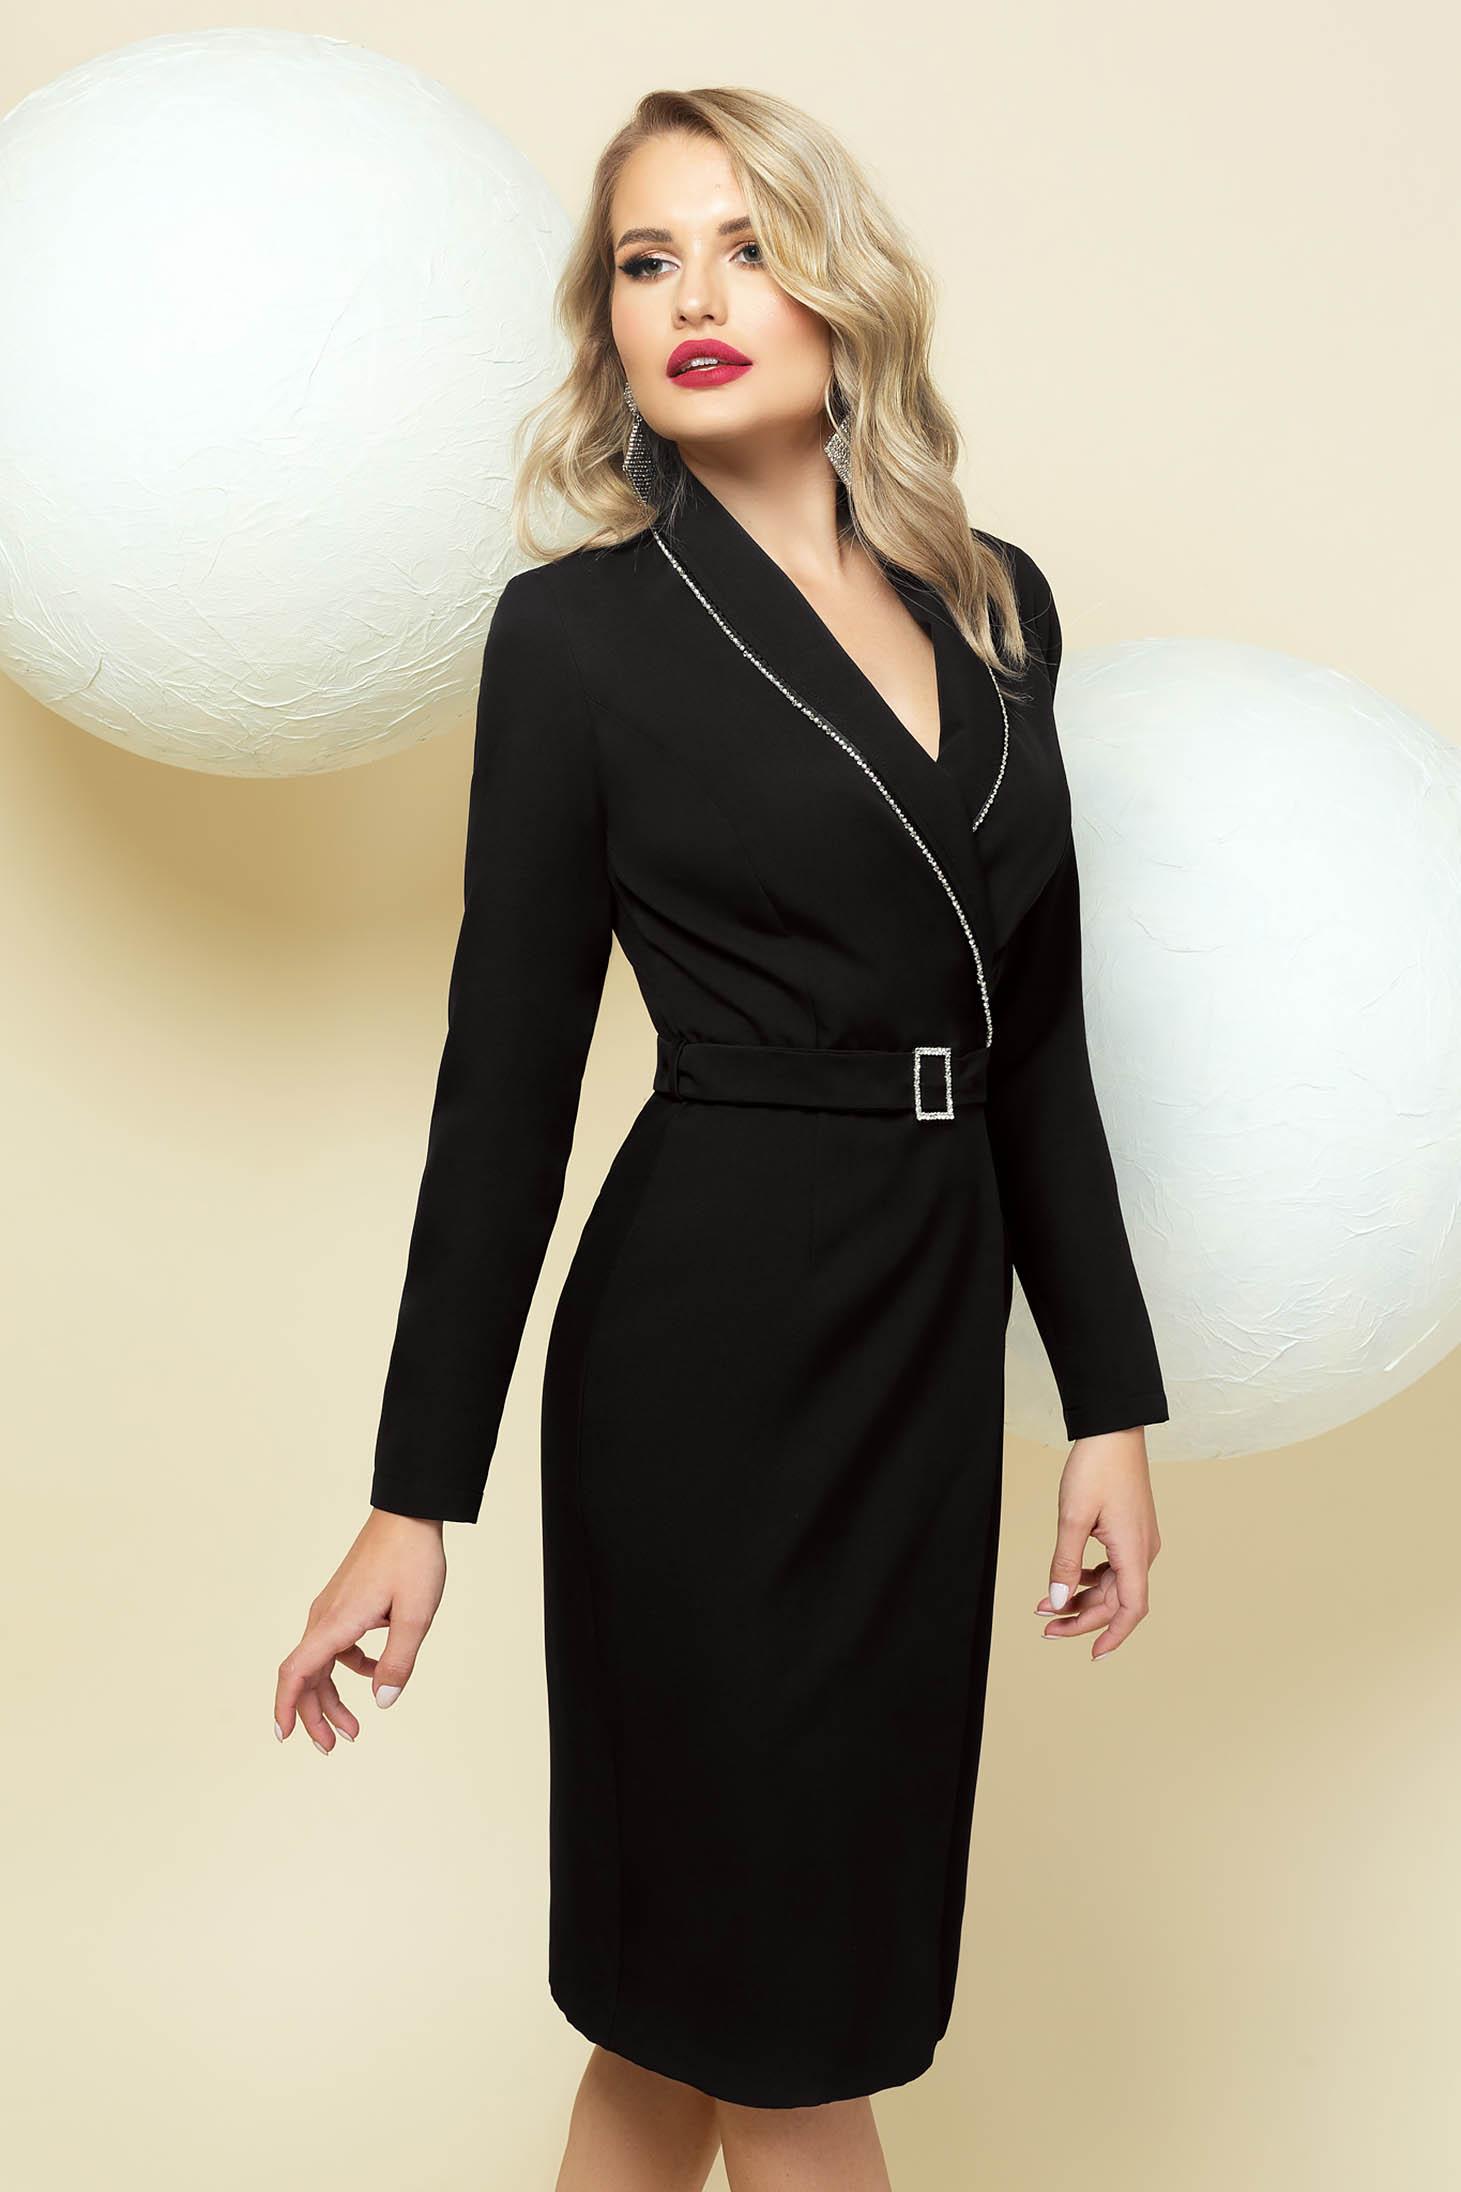 Fekete midi alkalmi zakó tipusú ruha strassz köves díszítéssel,öv kiegészítővel